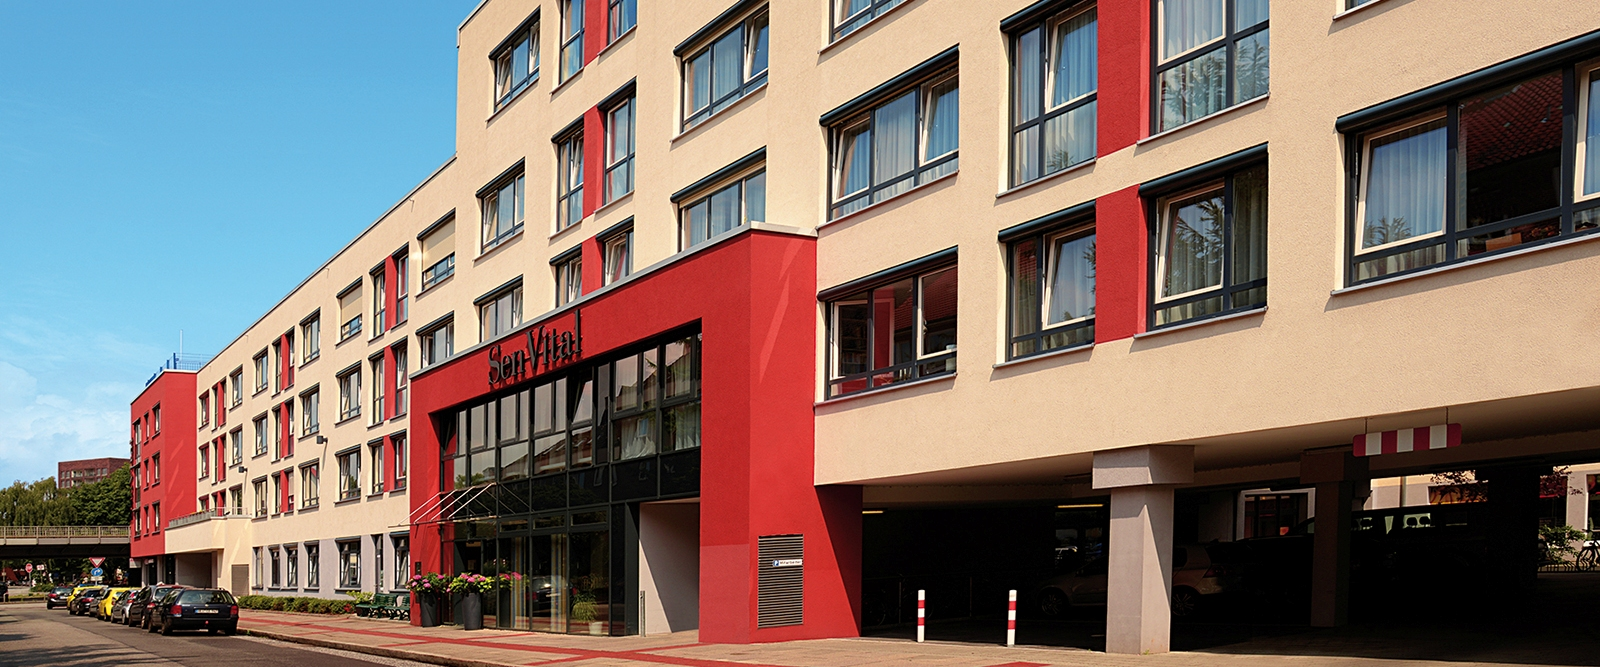 VHC 3 Seniorenresidenz und Pflegeheim gGmbH - SenVital Senioren- und Pflegezentrum Hamburg am Barmbeker Markt